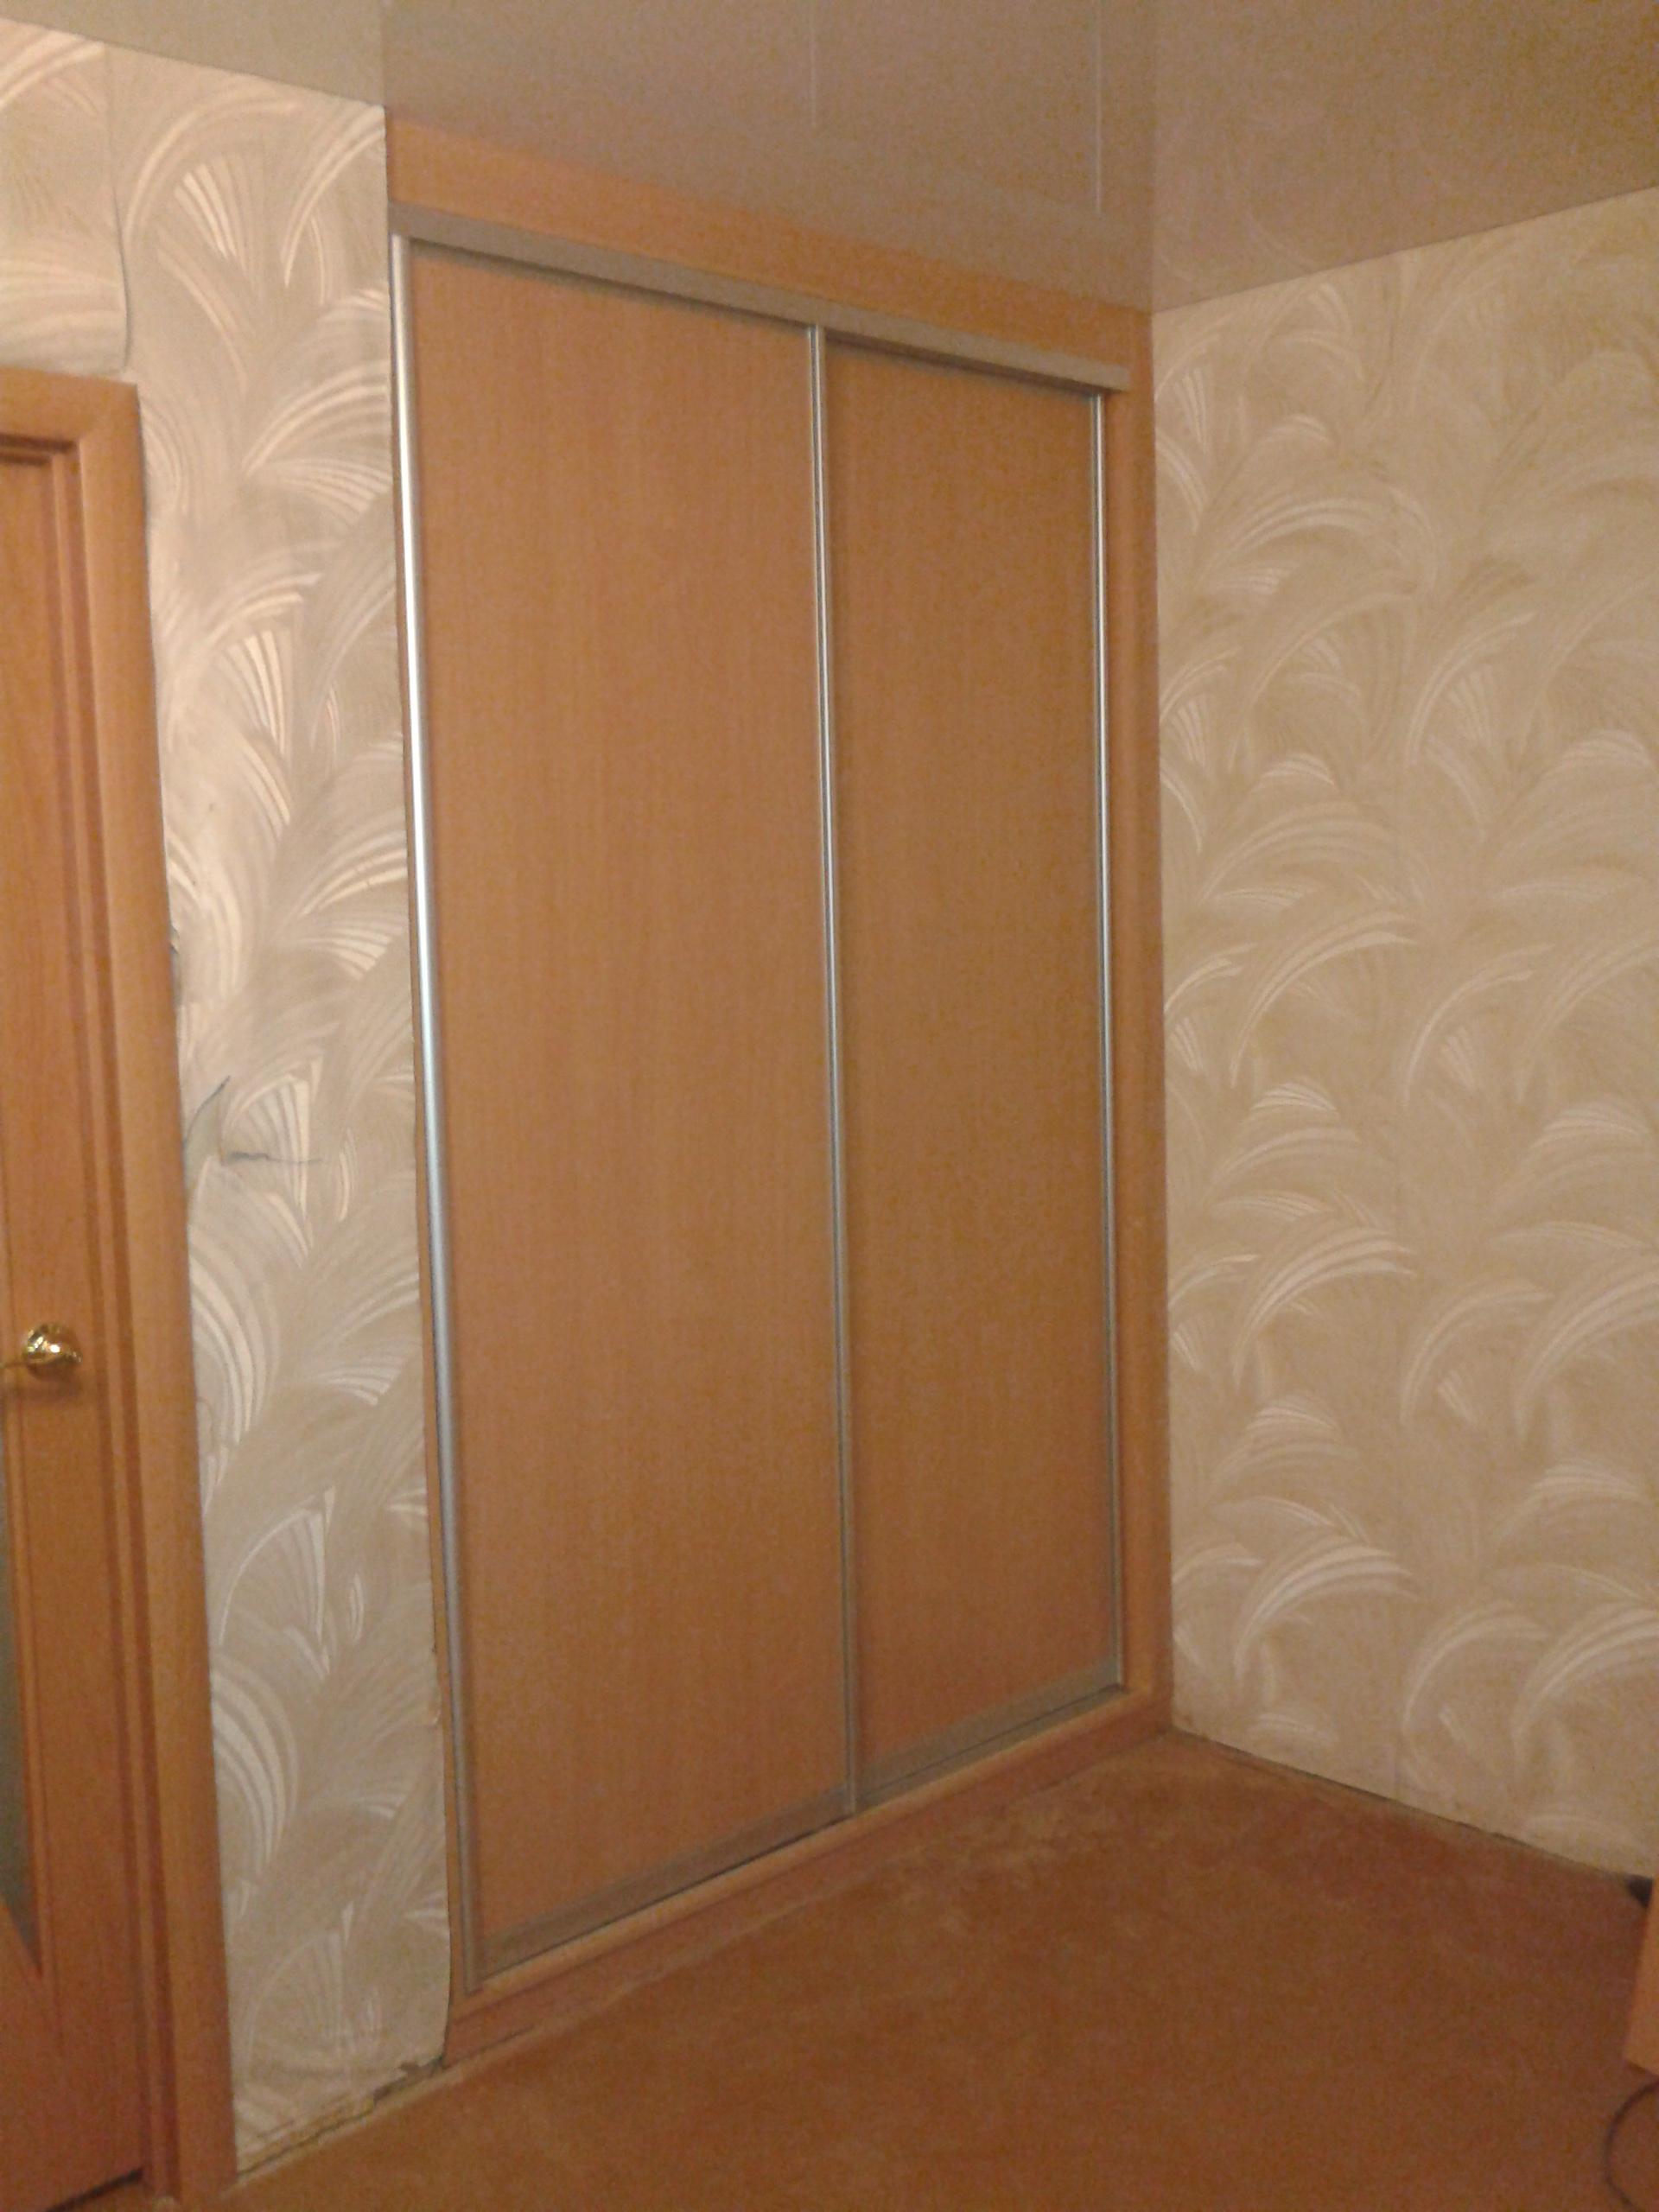 Встроенный шкаф купе под натяжной потолок в Екатеринбурге на заказ